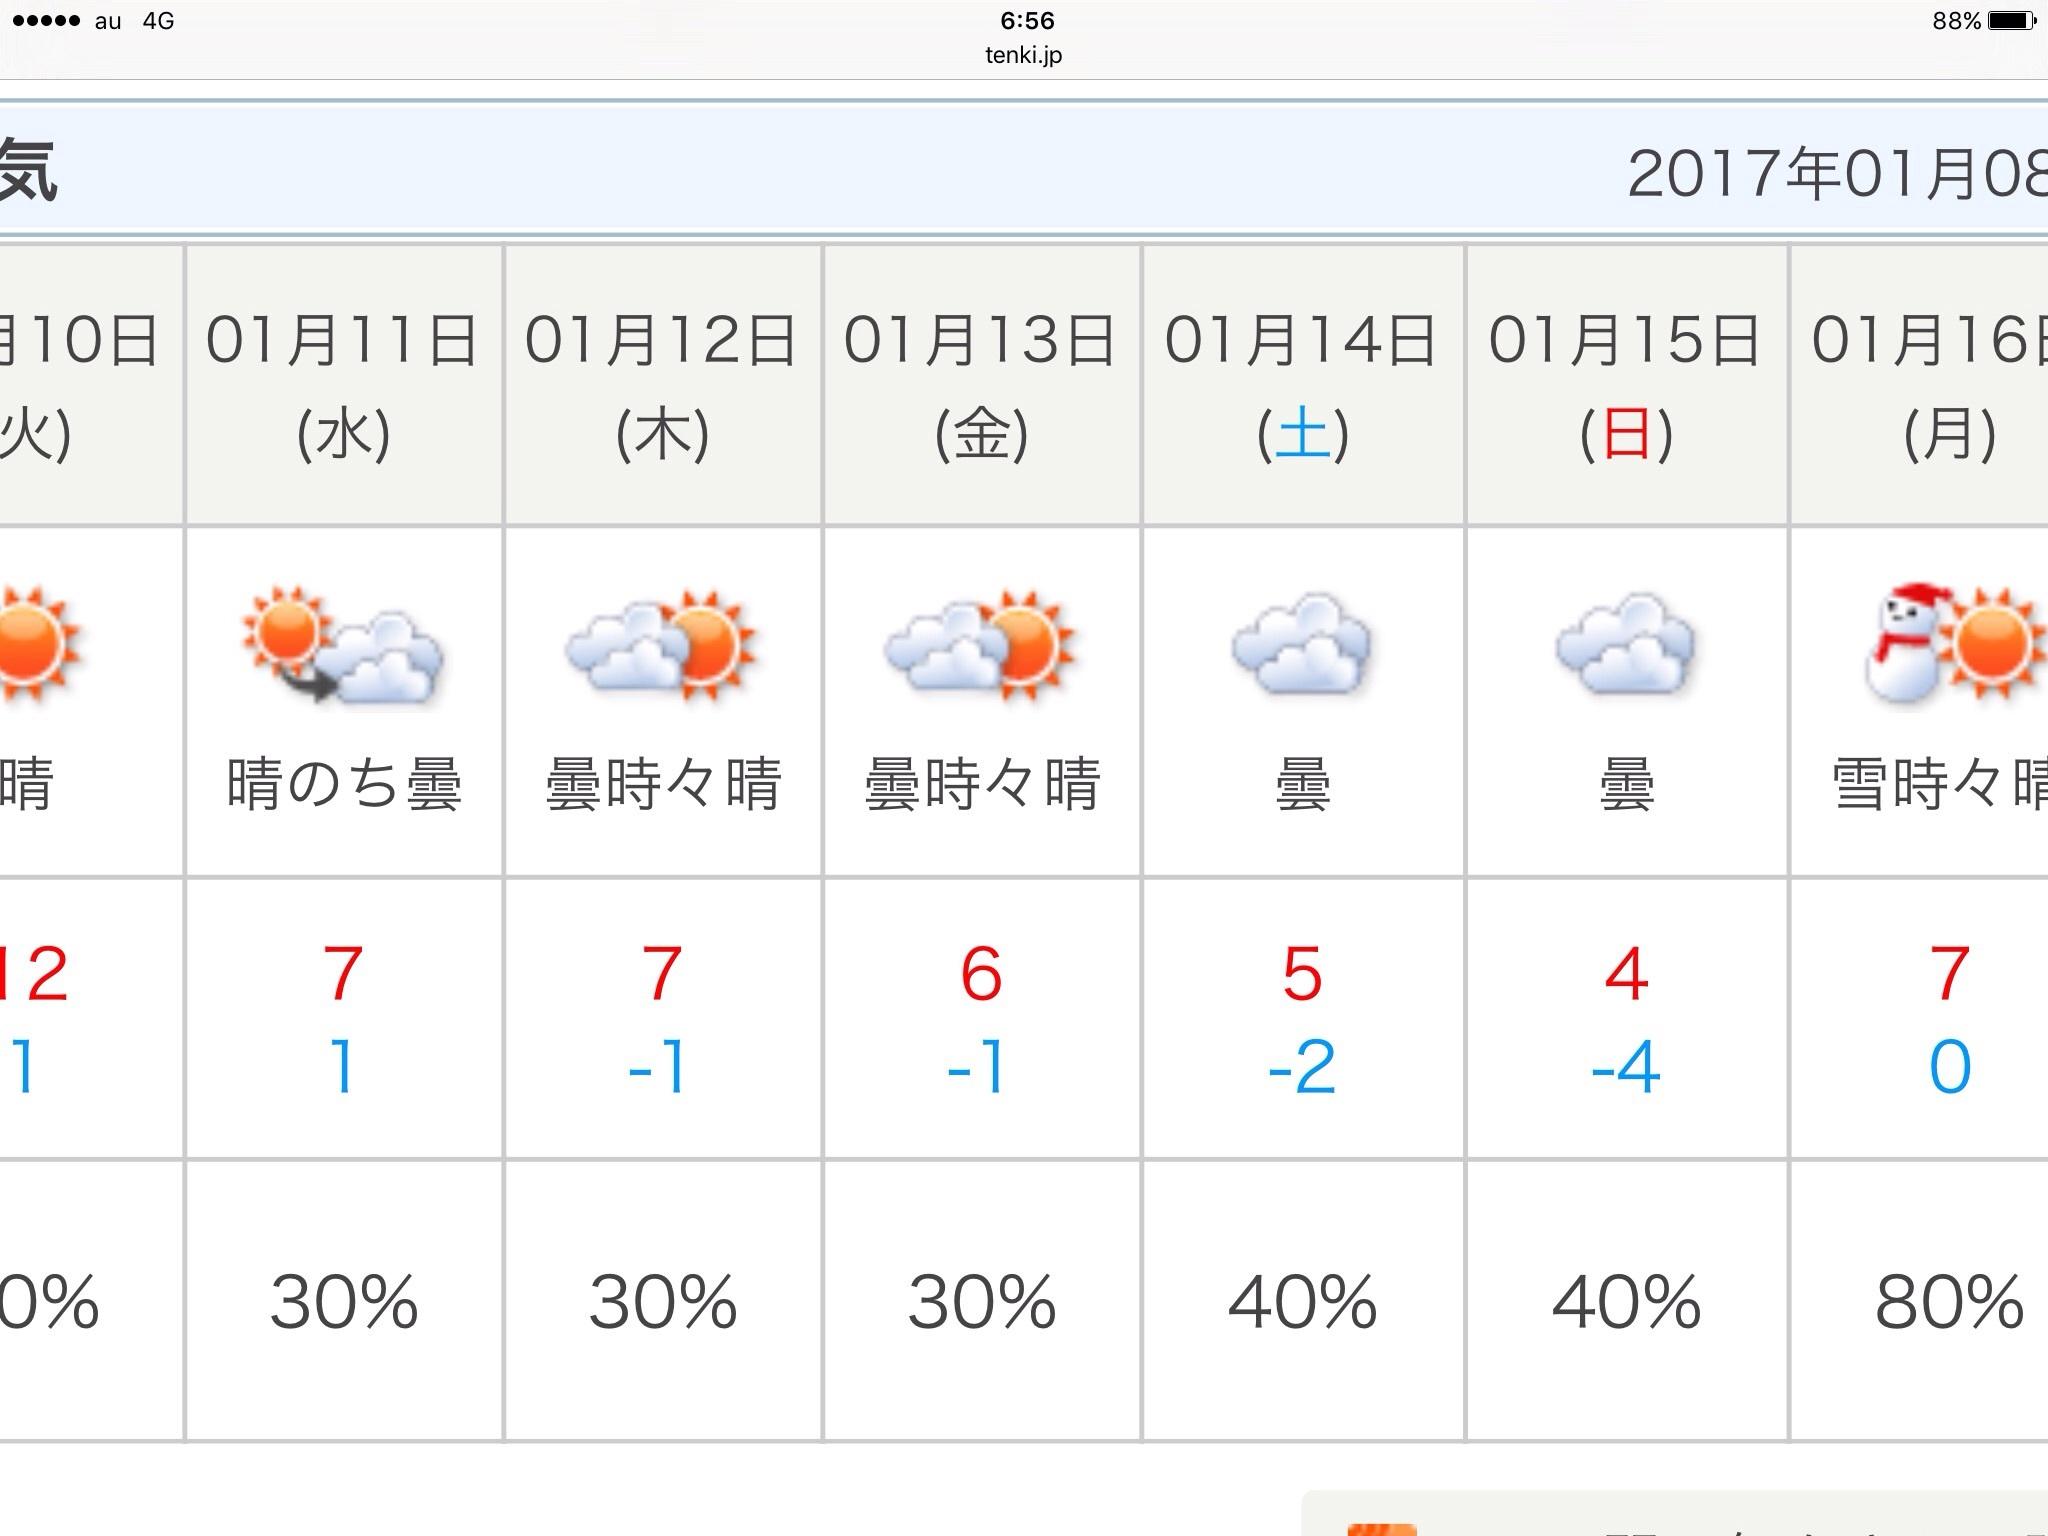 週間天気予報です。